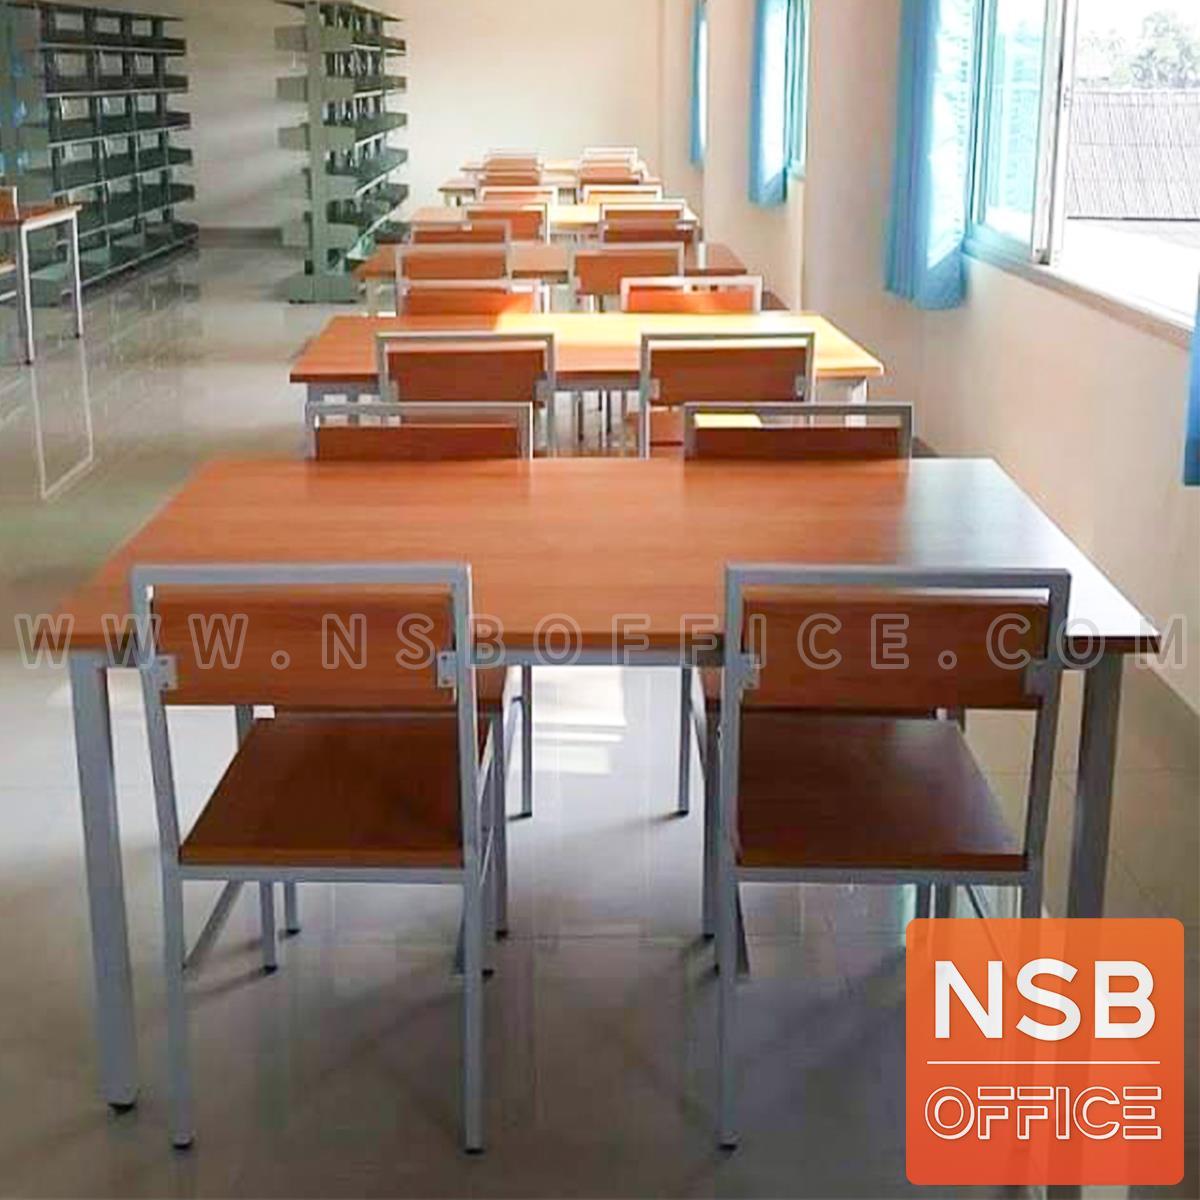 ชุดโต๊ะและเก้าอี้นักเรียนไม้ รุ่น Sunshine (ซันไชน์) ขนาด 120W, 150W cm. พร้อมเก้าอี้